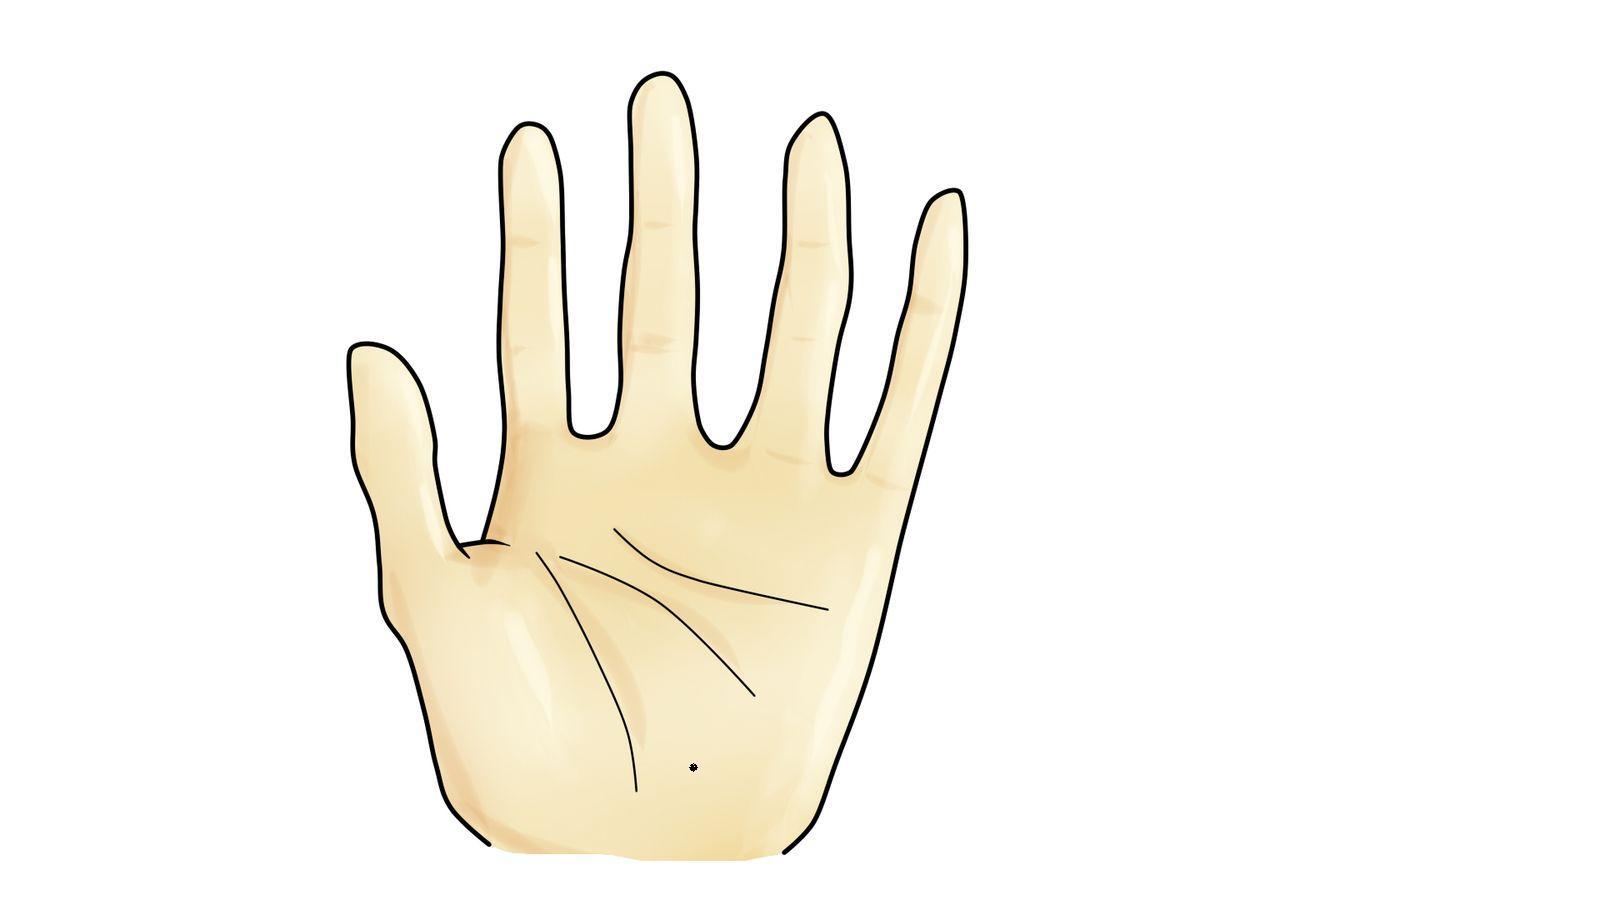 我左手手掌有痣,寻找右手手掌同样位置有痣的女生图片